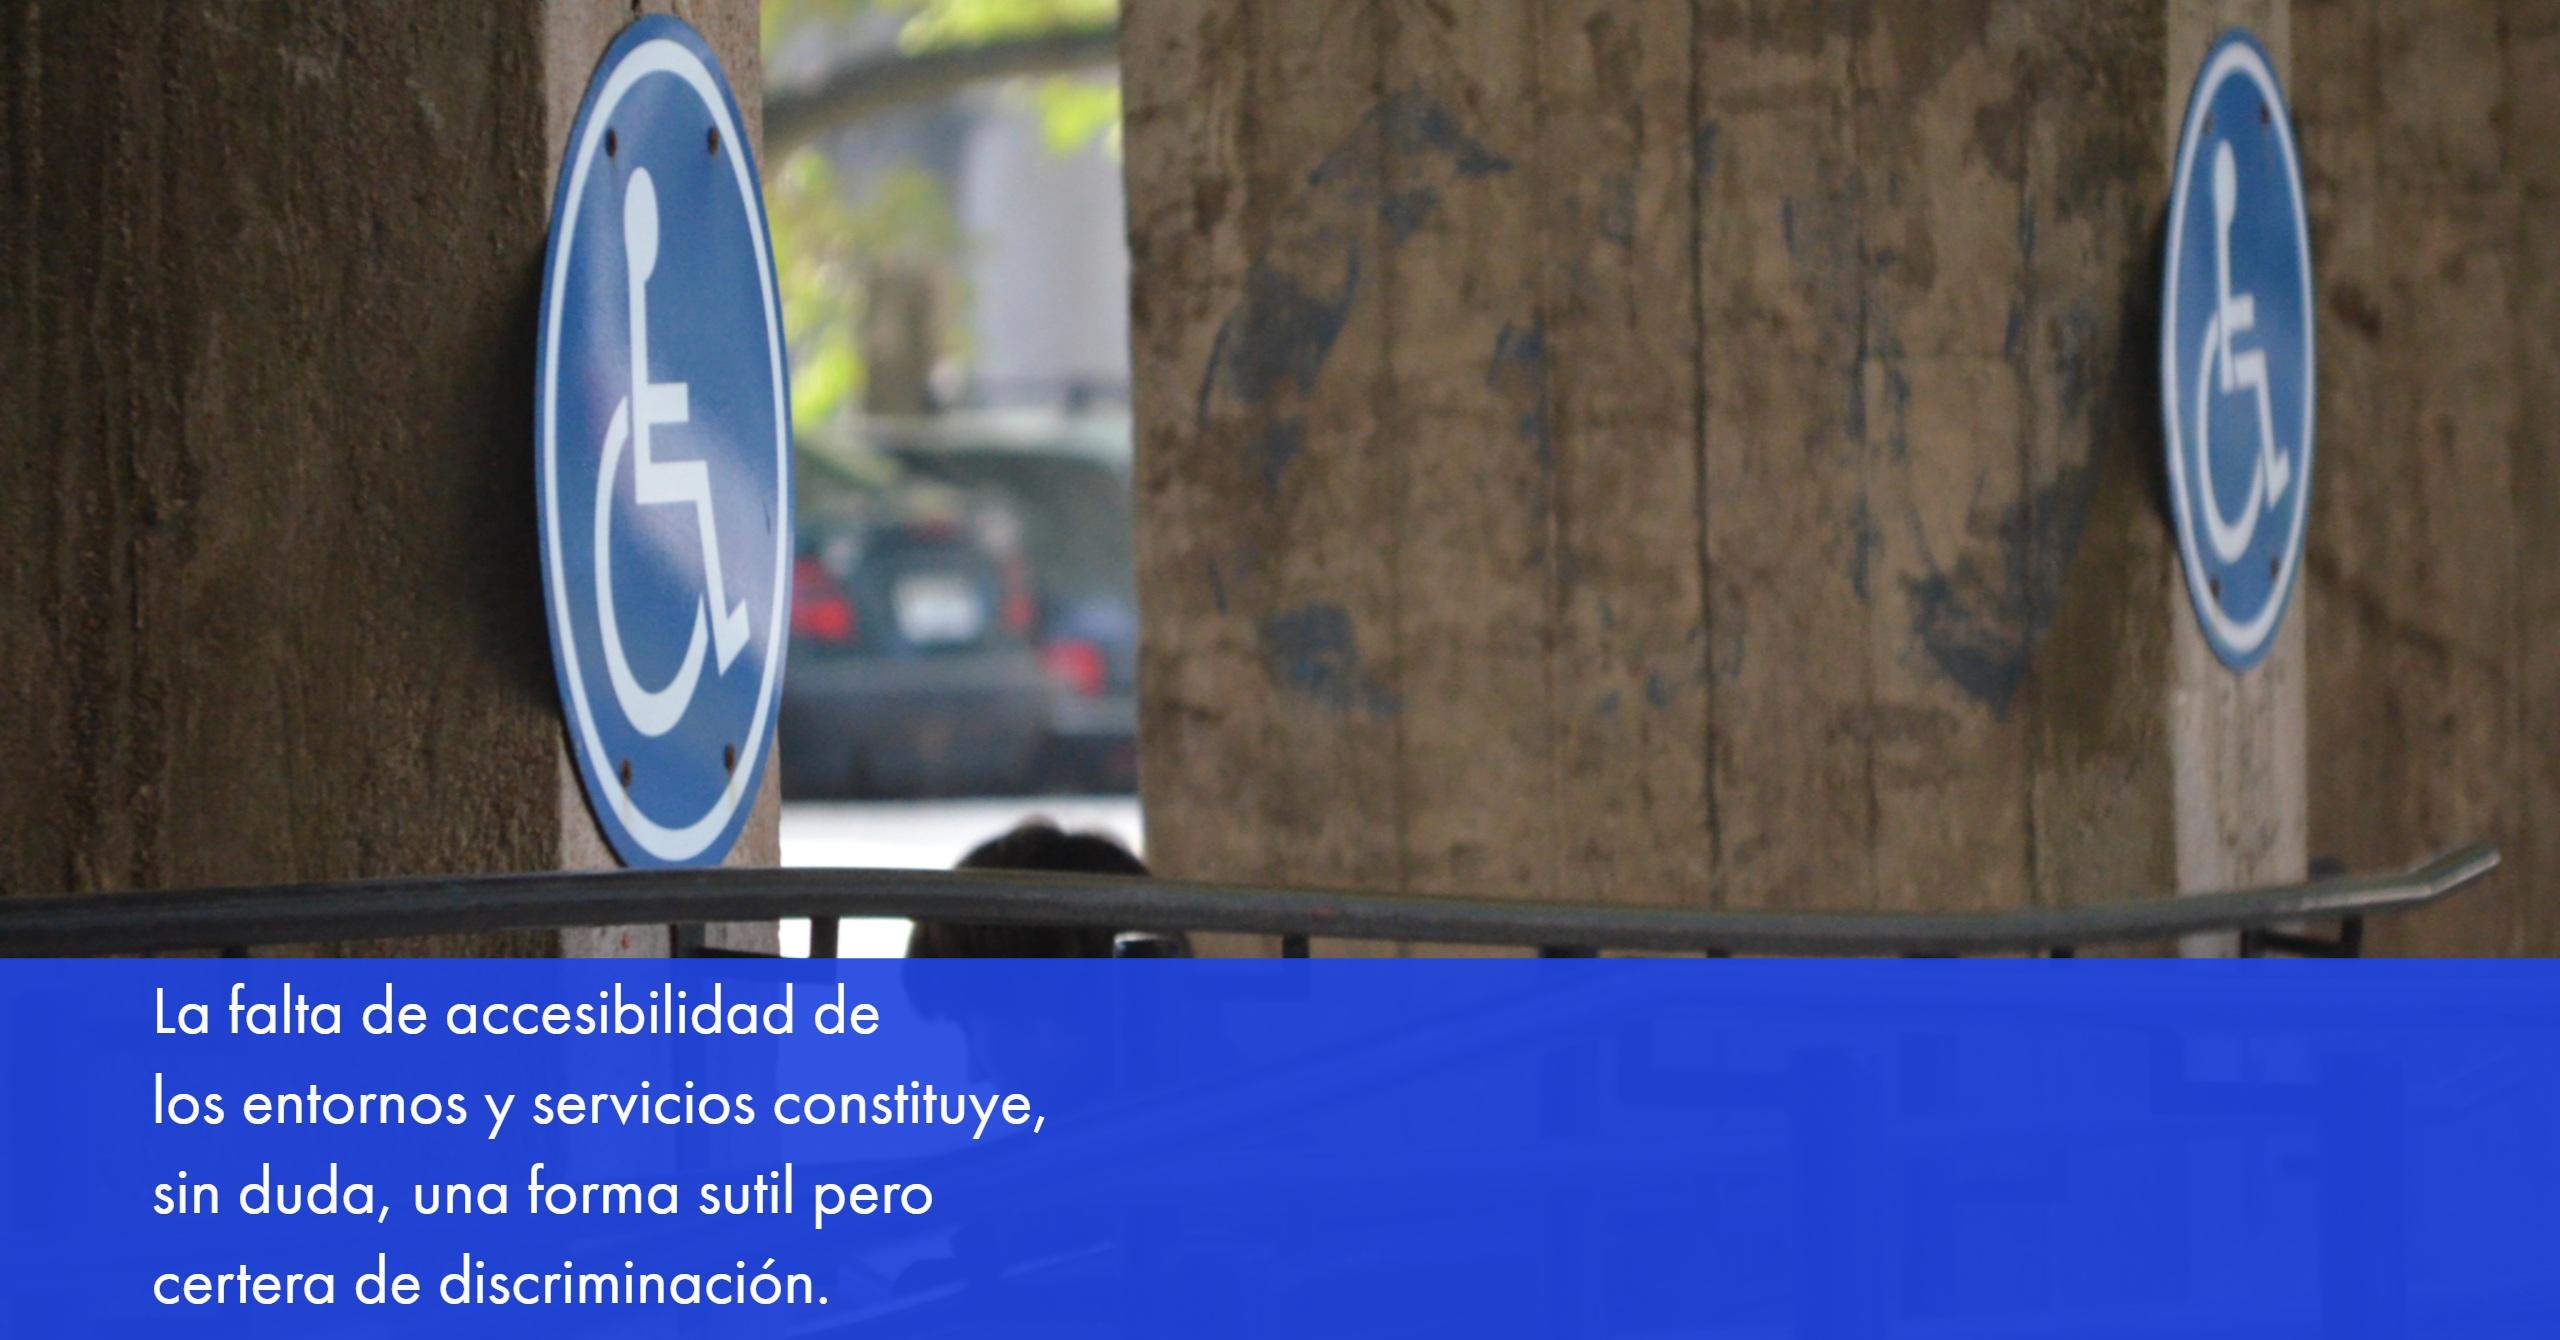 El Síndic urge a Torrevieja a mejorar la accesibilidad de la ciudad